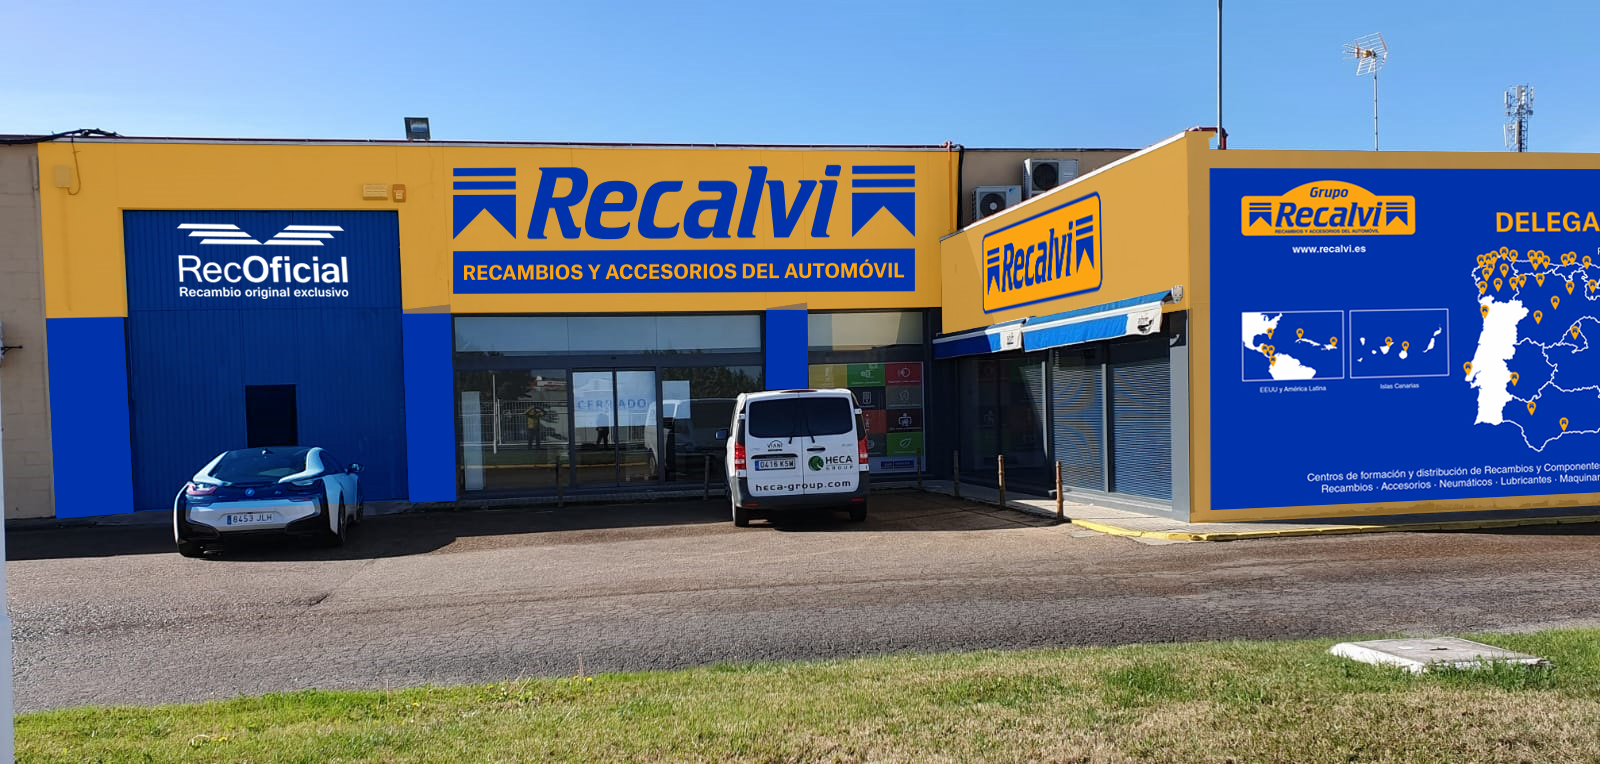 Recalvi desembarcará en Extremadura con su próxima apertura en Badajoz